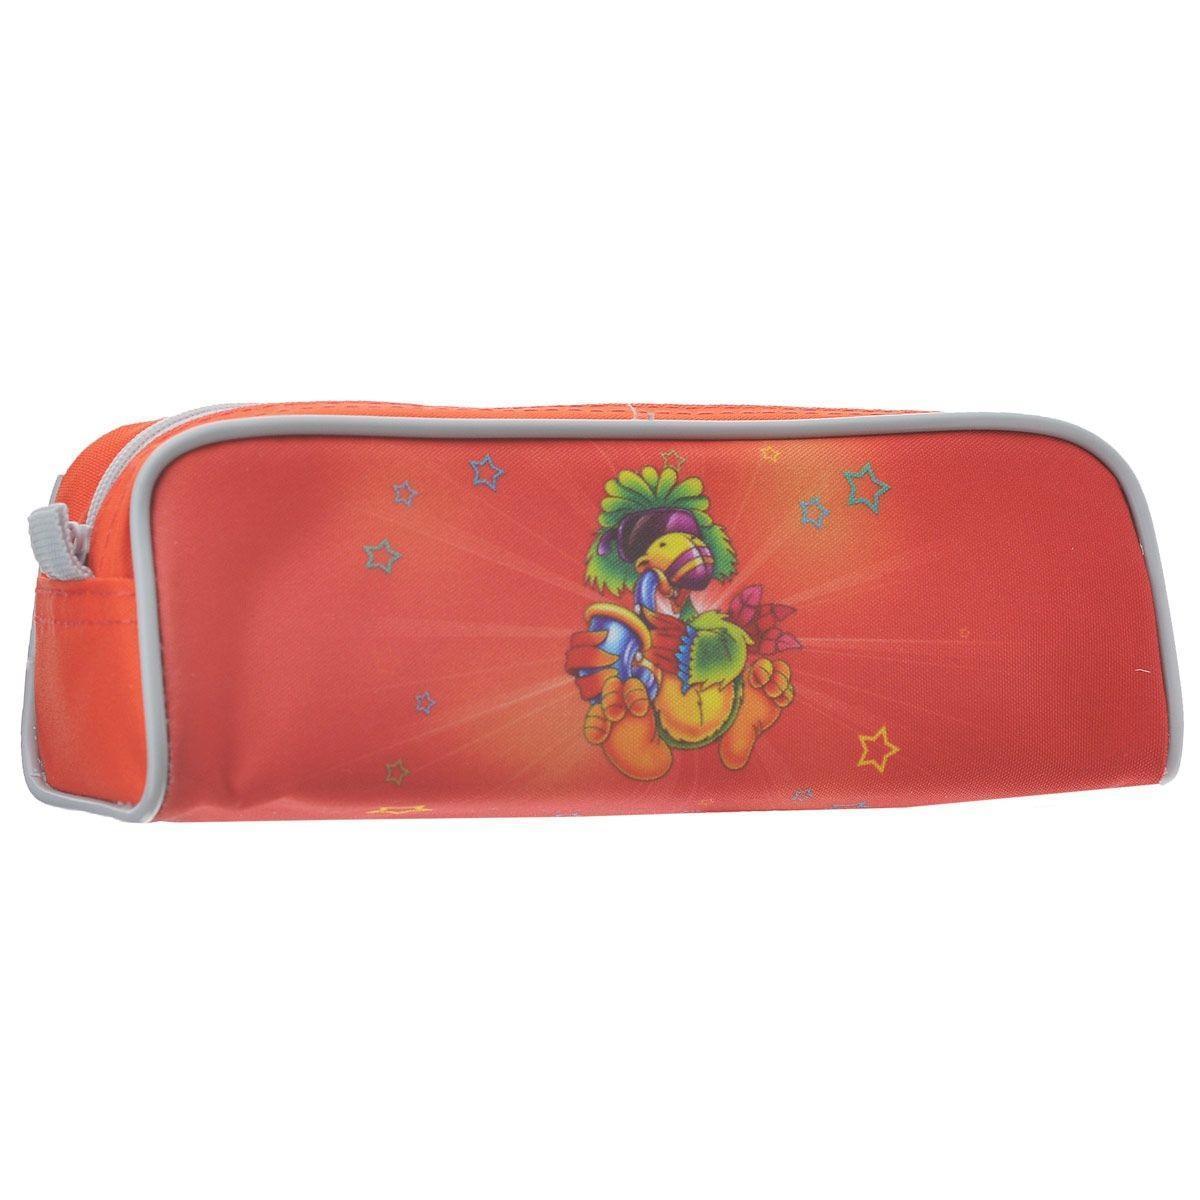 Пенал на молнии JOYFUL BIRDIE, без наполнения, 1 отделение, цвет: красный -  Пеналы